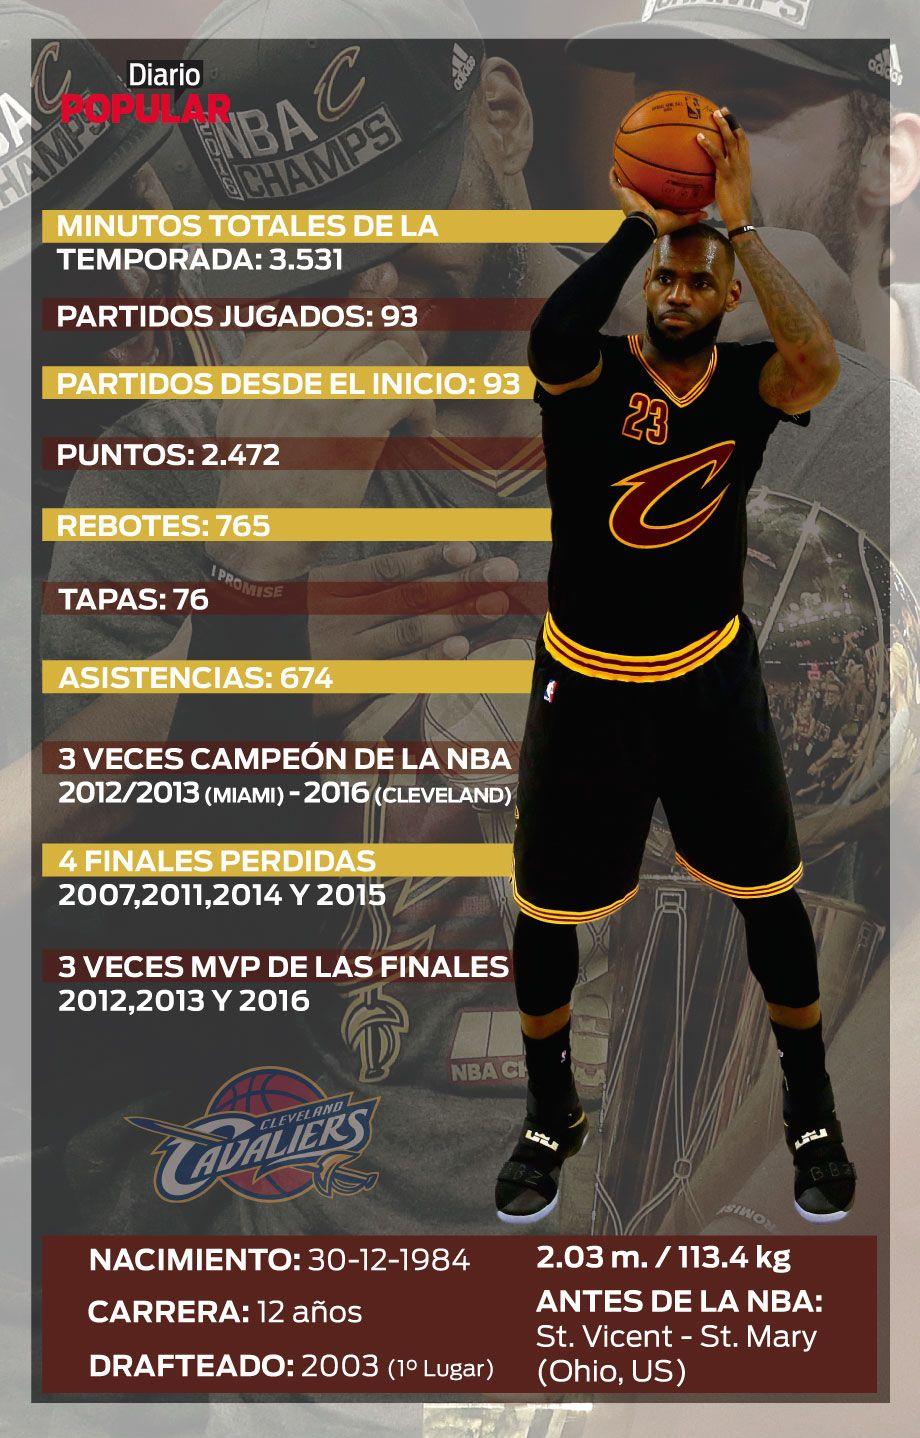 Infografía | La temporada de LeBron, el héroe que volvió para salir campeón